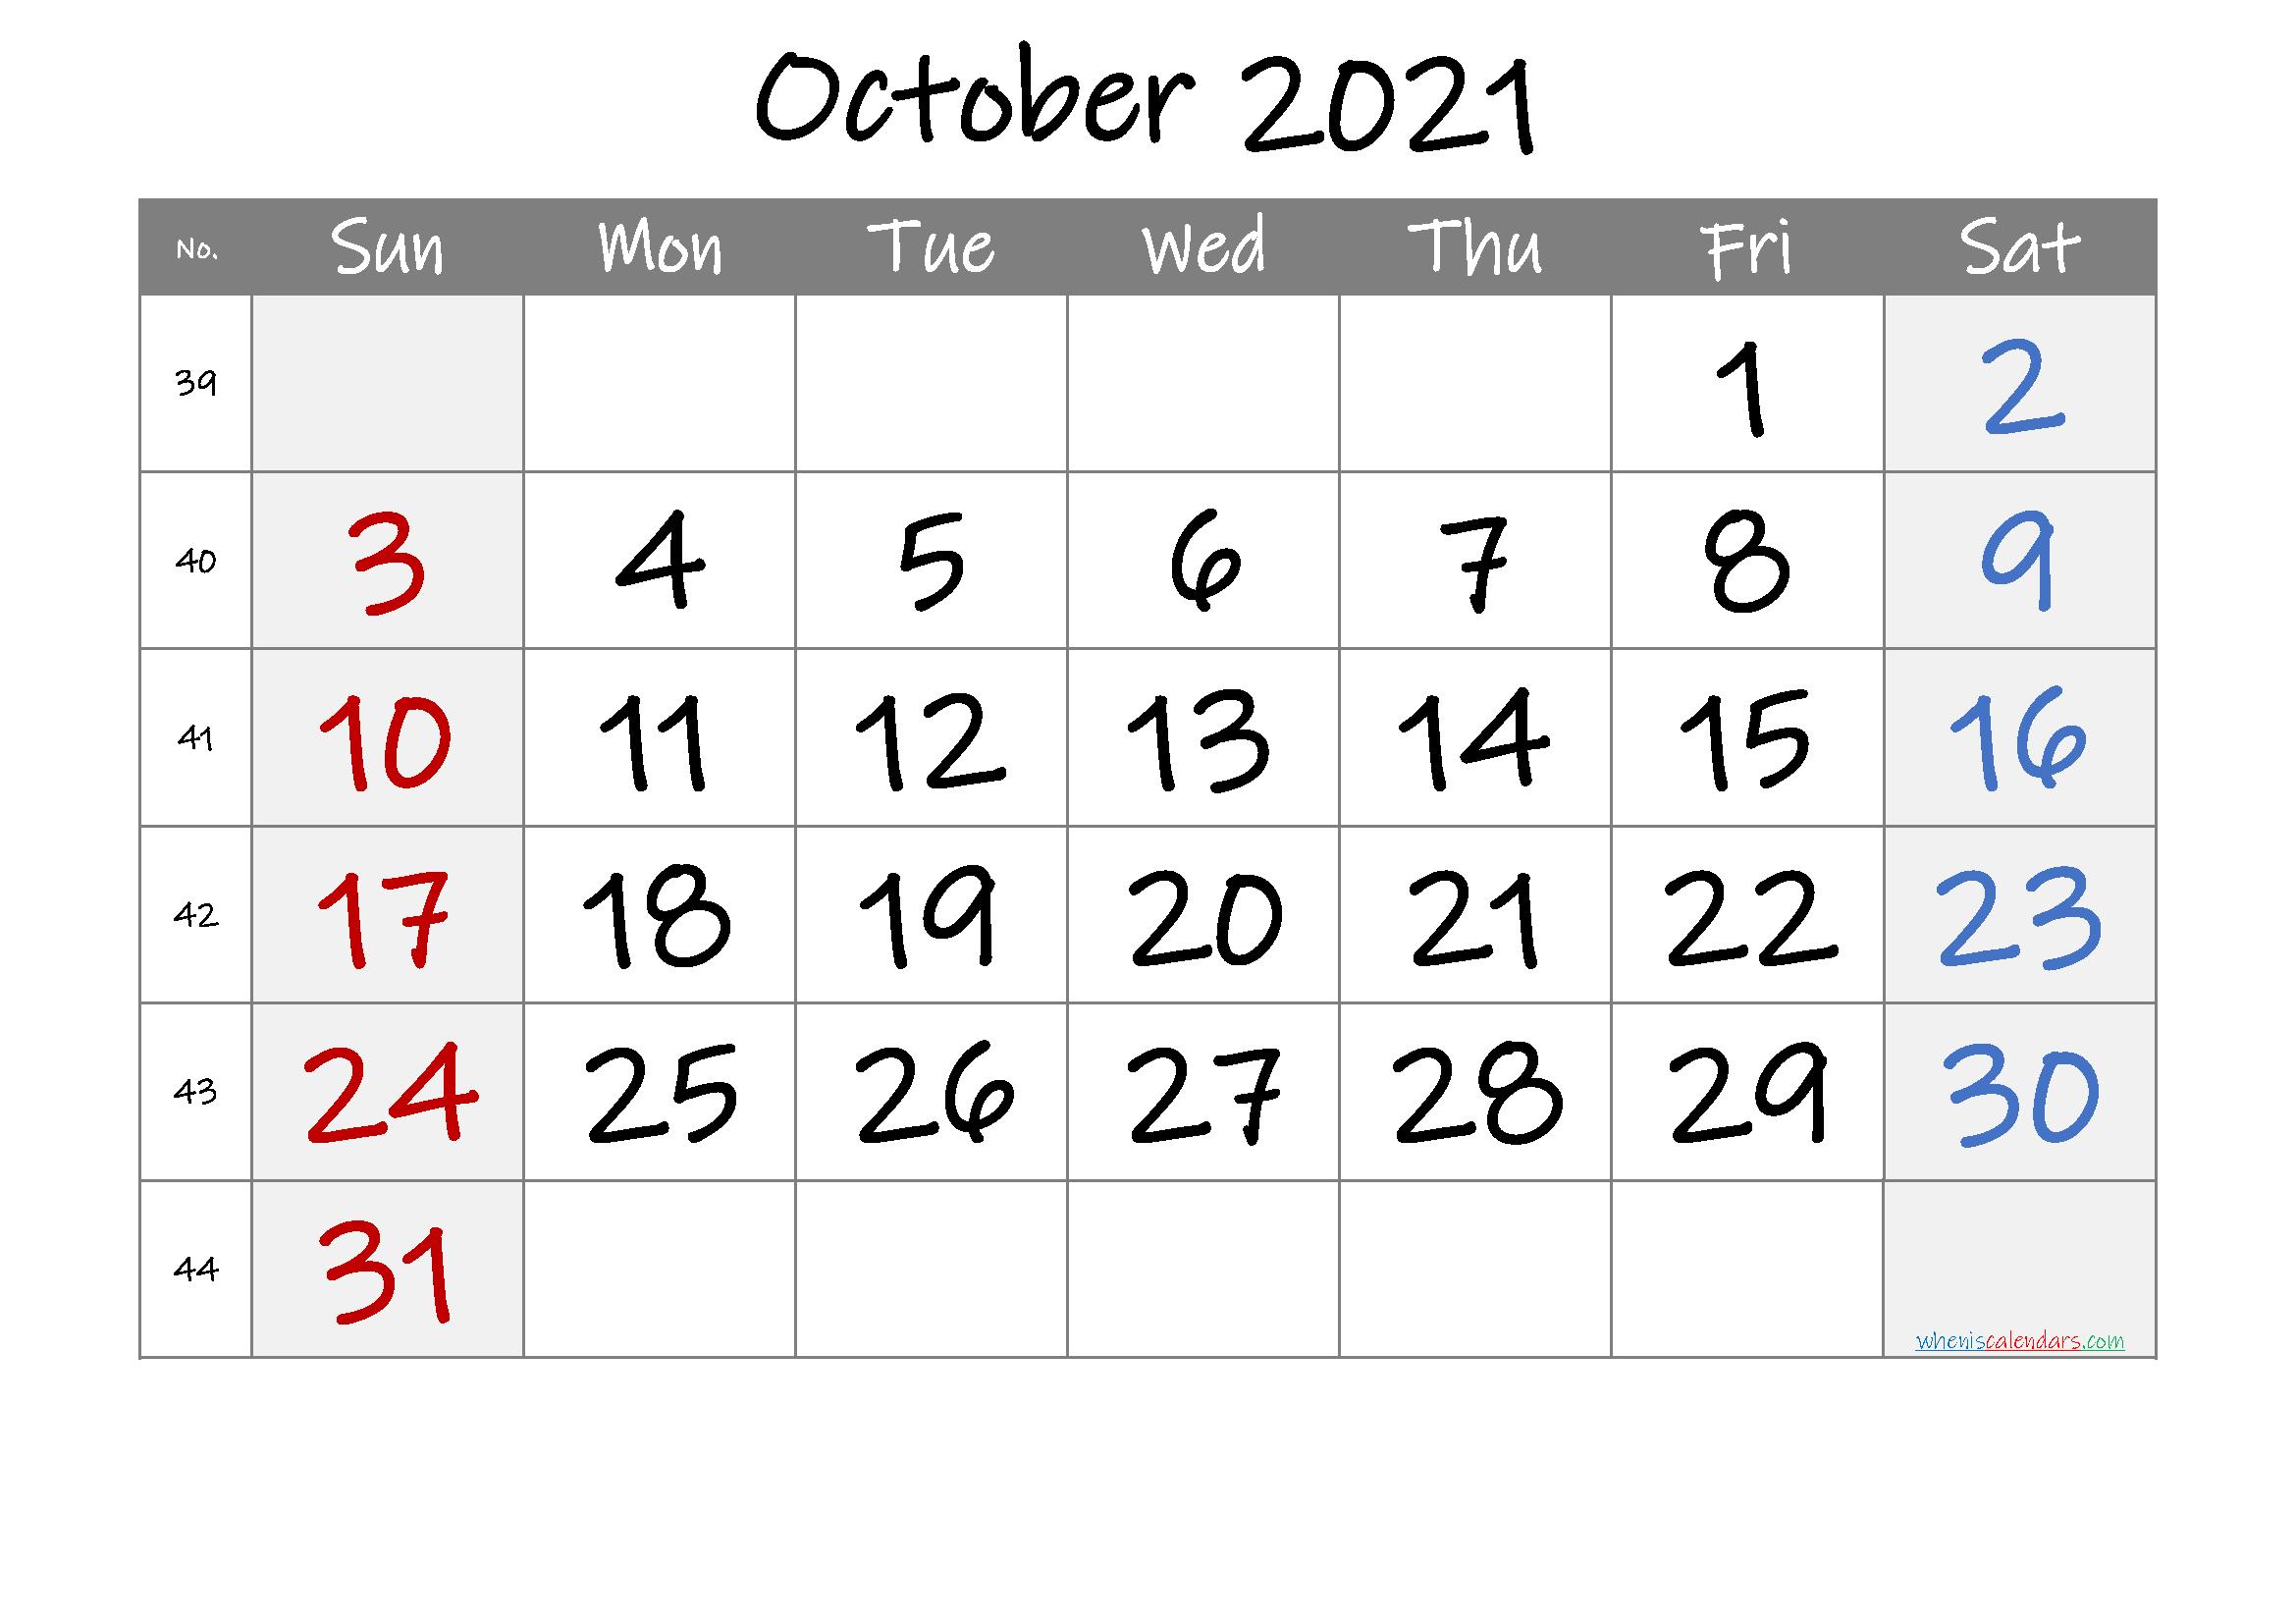 October 2021 Printable Calendar with Week Numbers